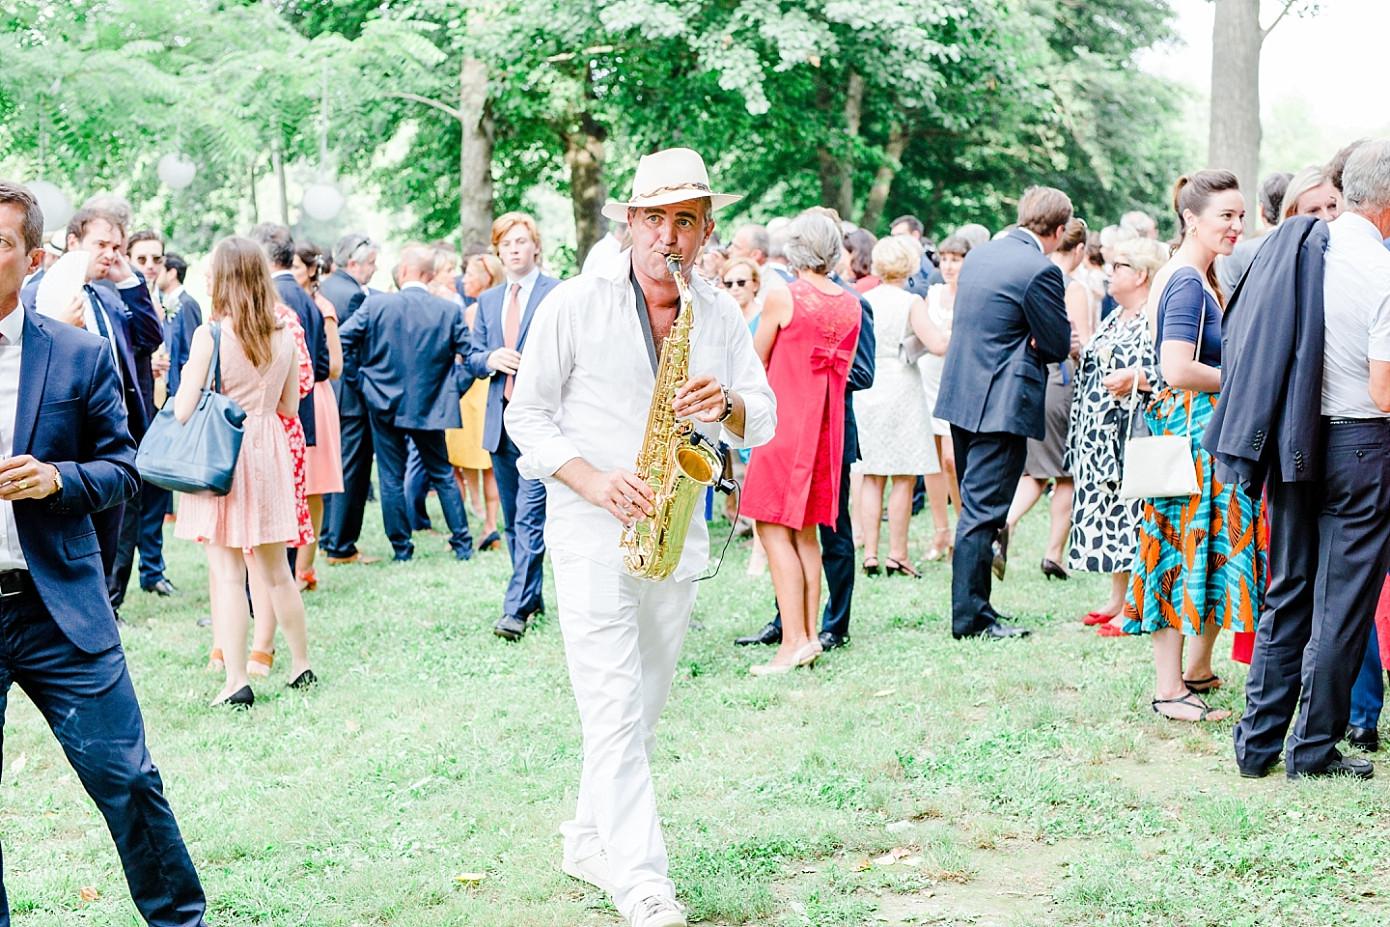 photographe mariage var povence côte d'azur french riviera wedding photographer photographe mariage fine art photographe lifestyle